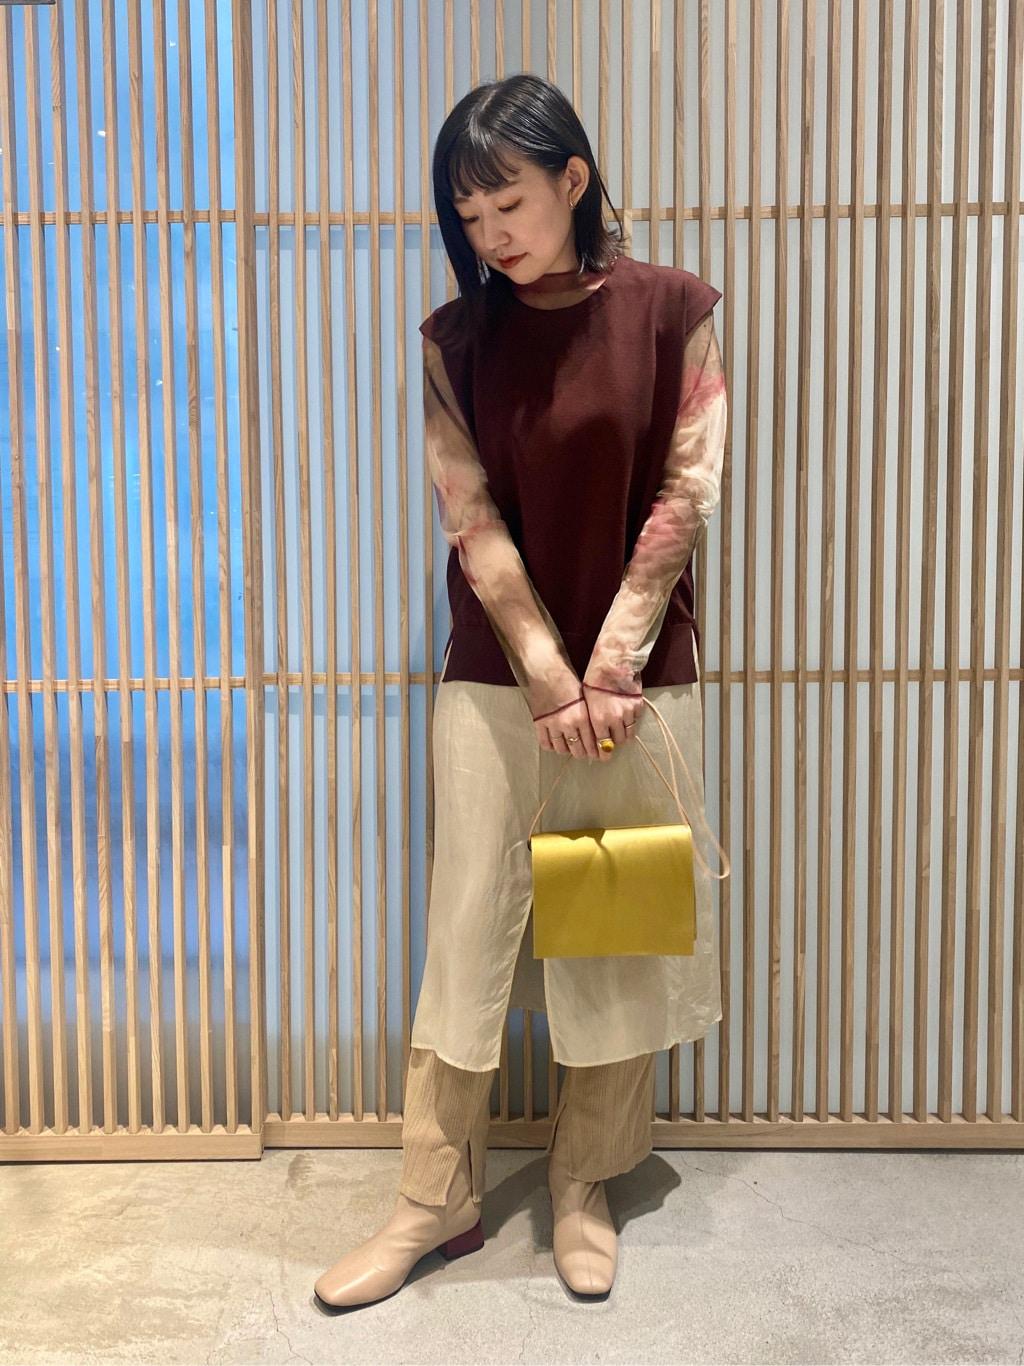 ルクア大阪 2020.10.06